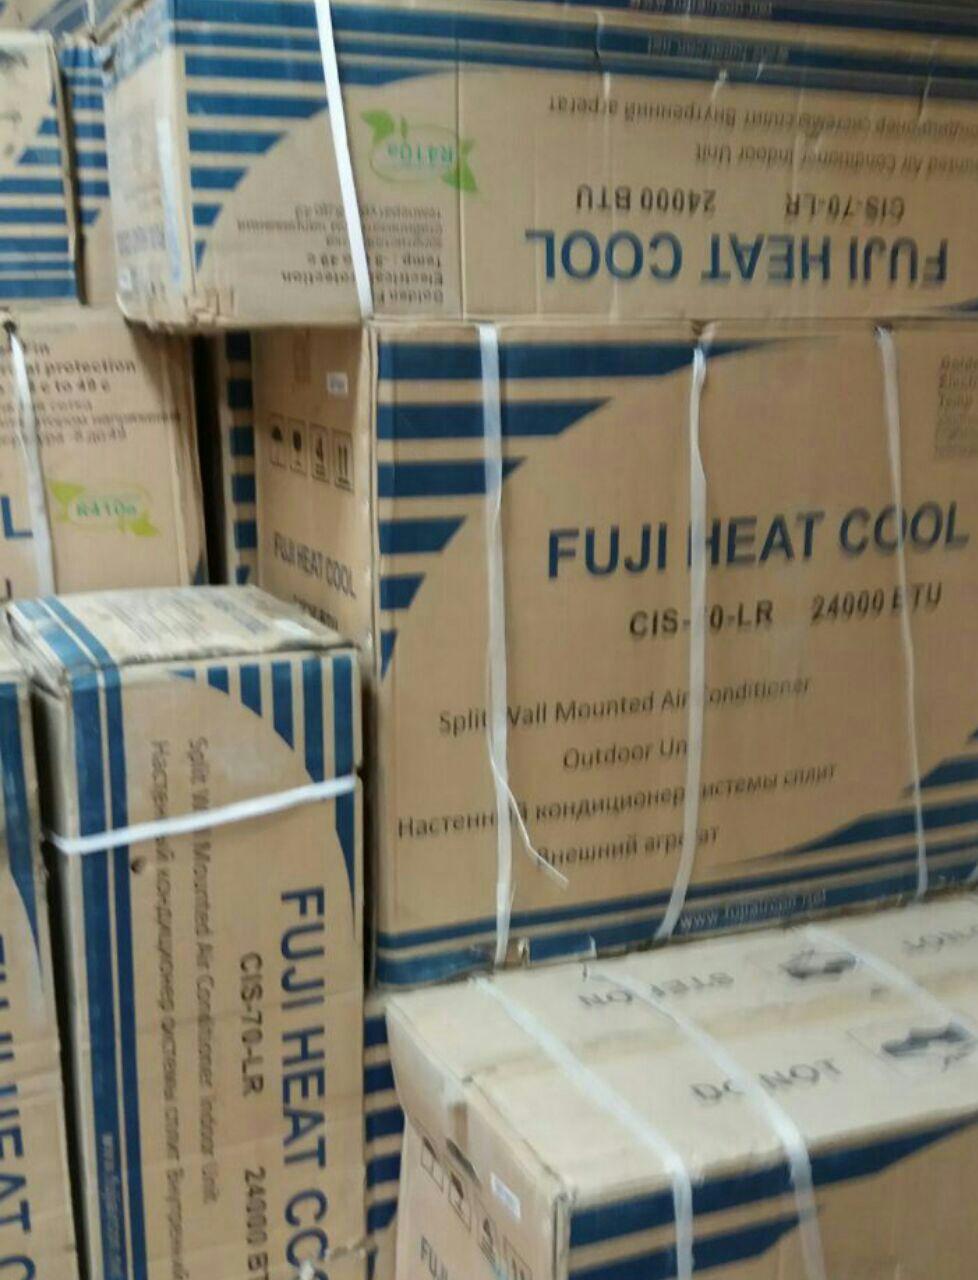 اسپیلت کولر گازی فوجی fuji سرمایشی گرمایشی عالی کم مصرف با گاز r410